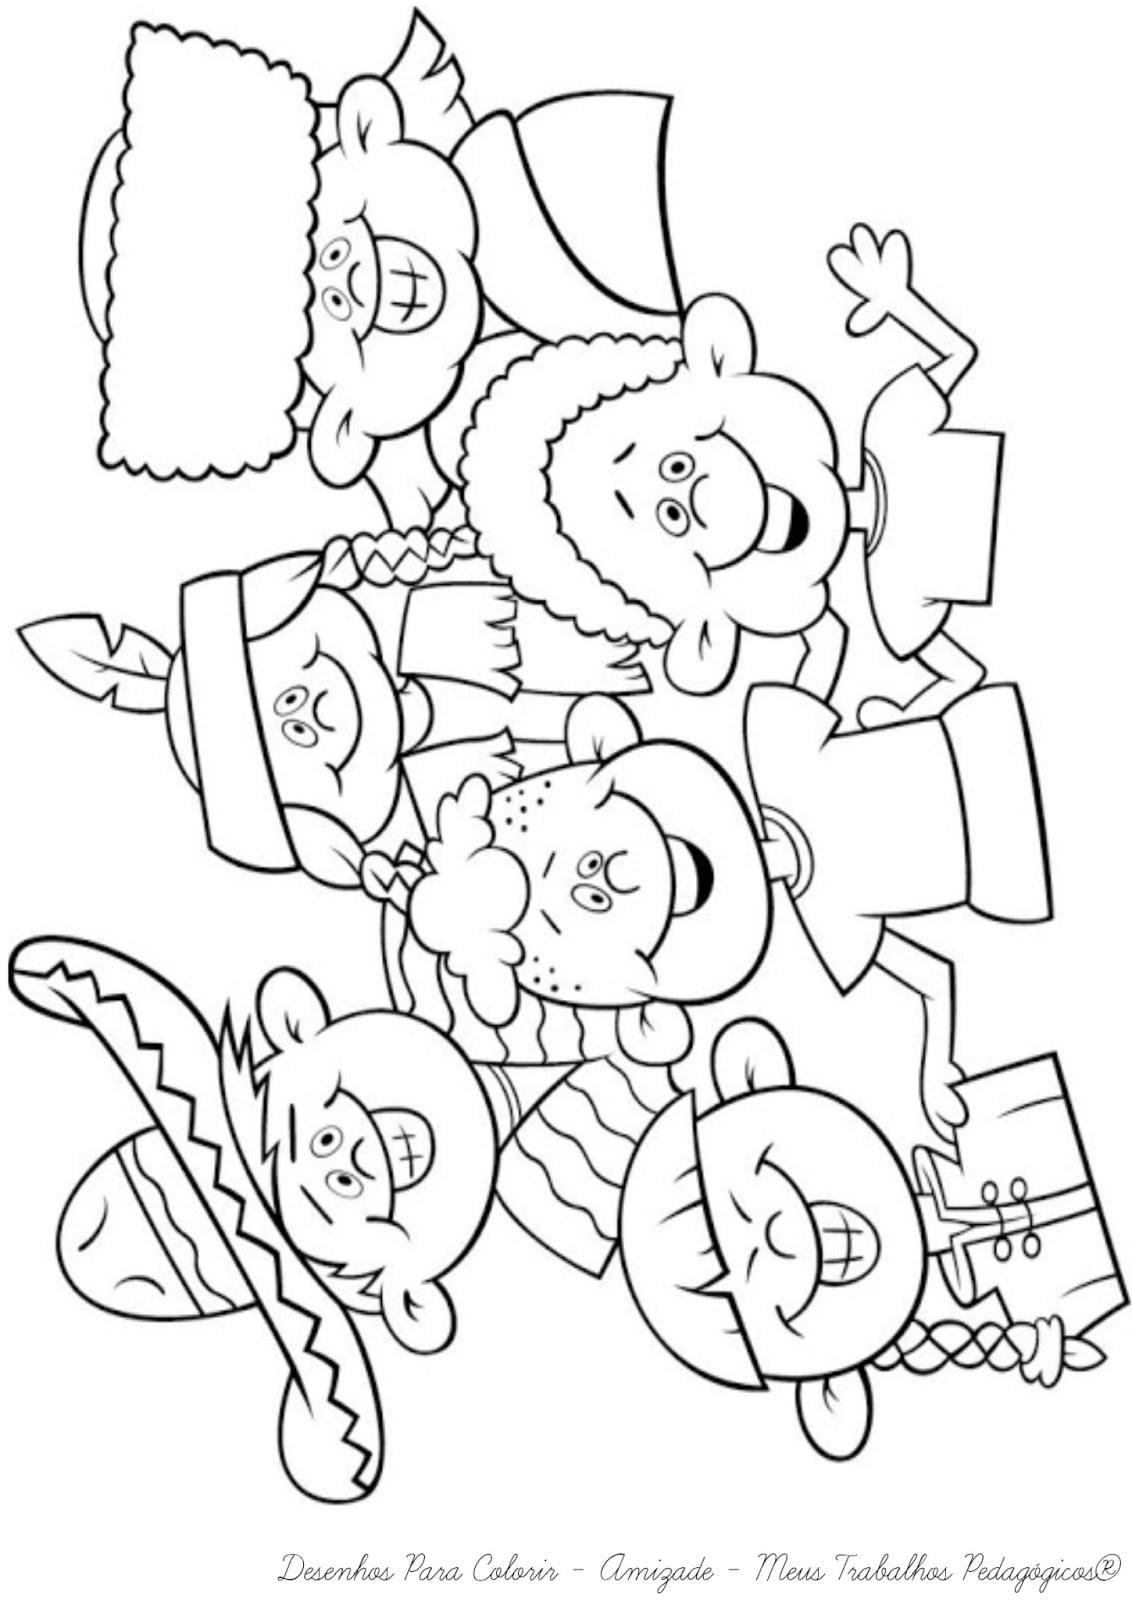 Meus Trabalhos Pedagógicos ®  Desenhos Para Colorir Dia Da Amizade